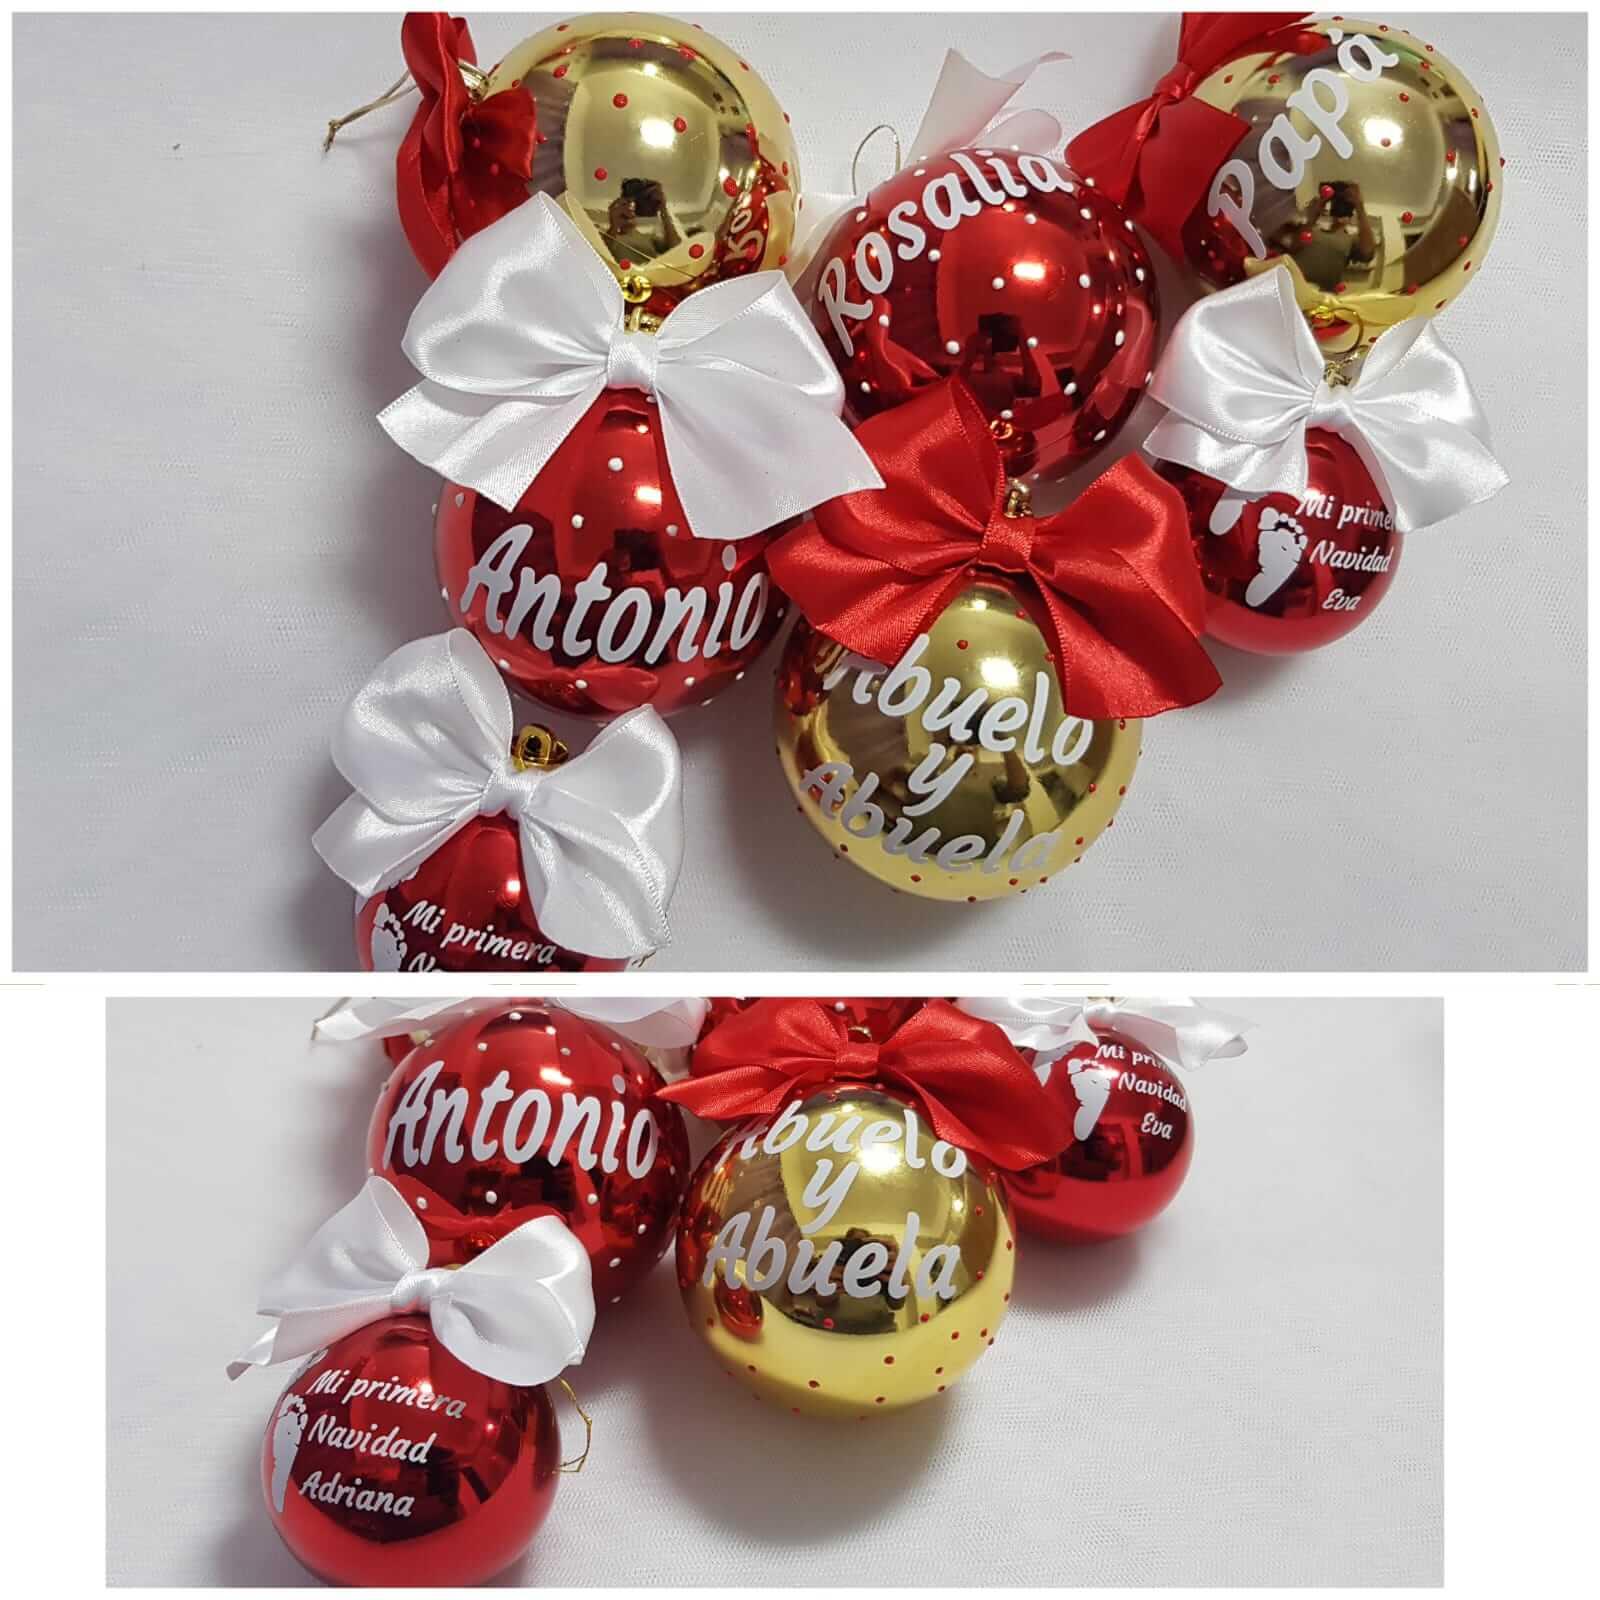 bolas de navidad personalizadas bolas navideñas bola de navidad bolas de navidad - bolas de navidad personalizadas bolas navide  as 6 - Bolas de navidad personalizadas |  Bola de navidad